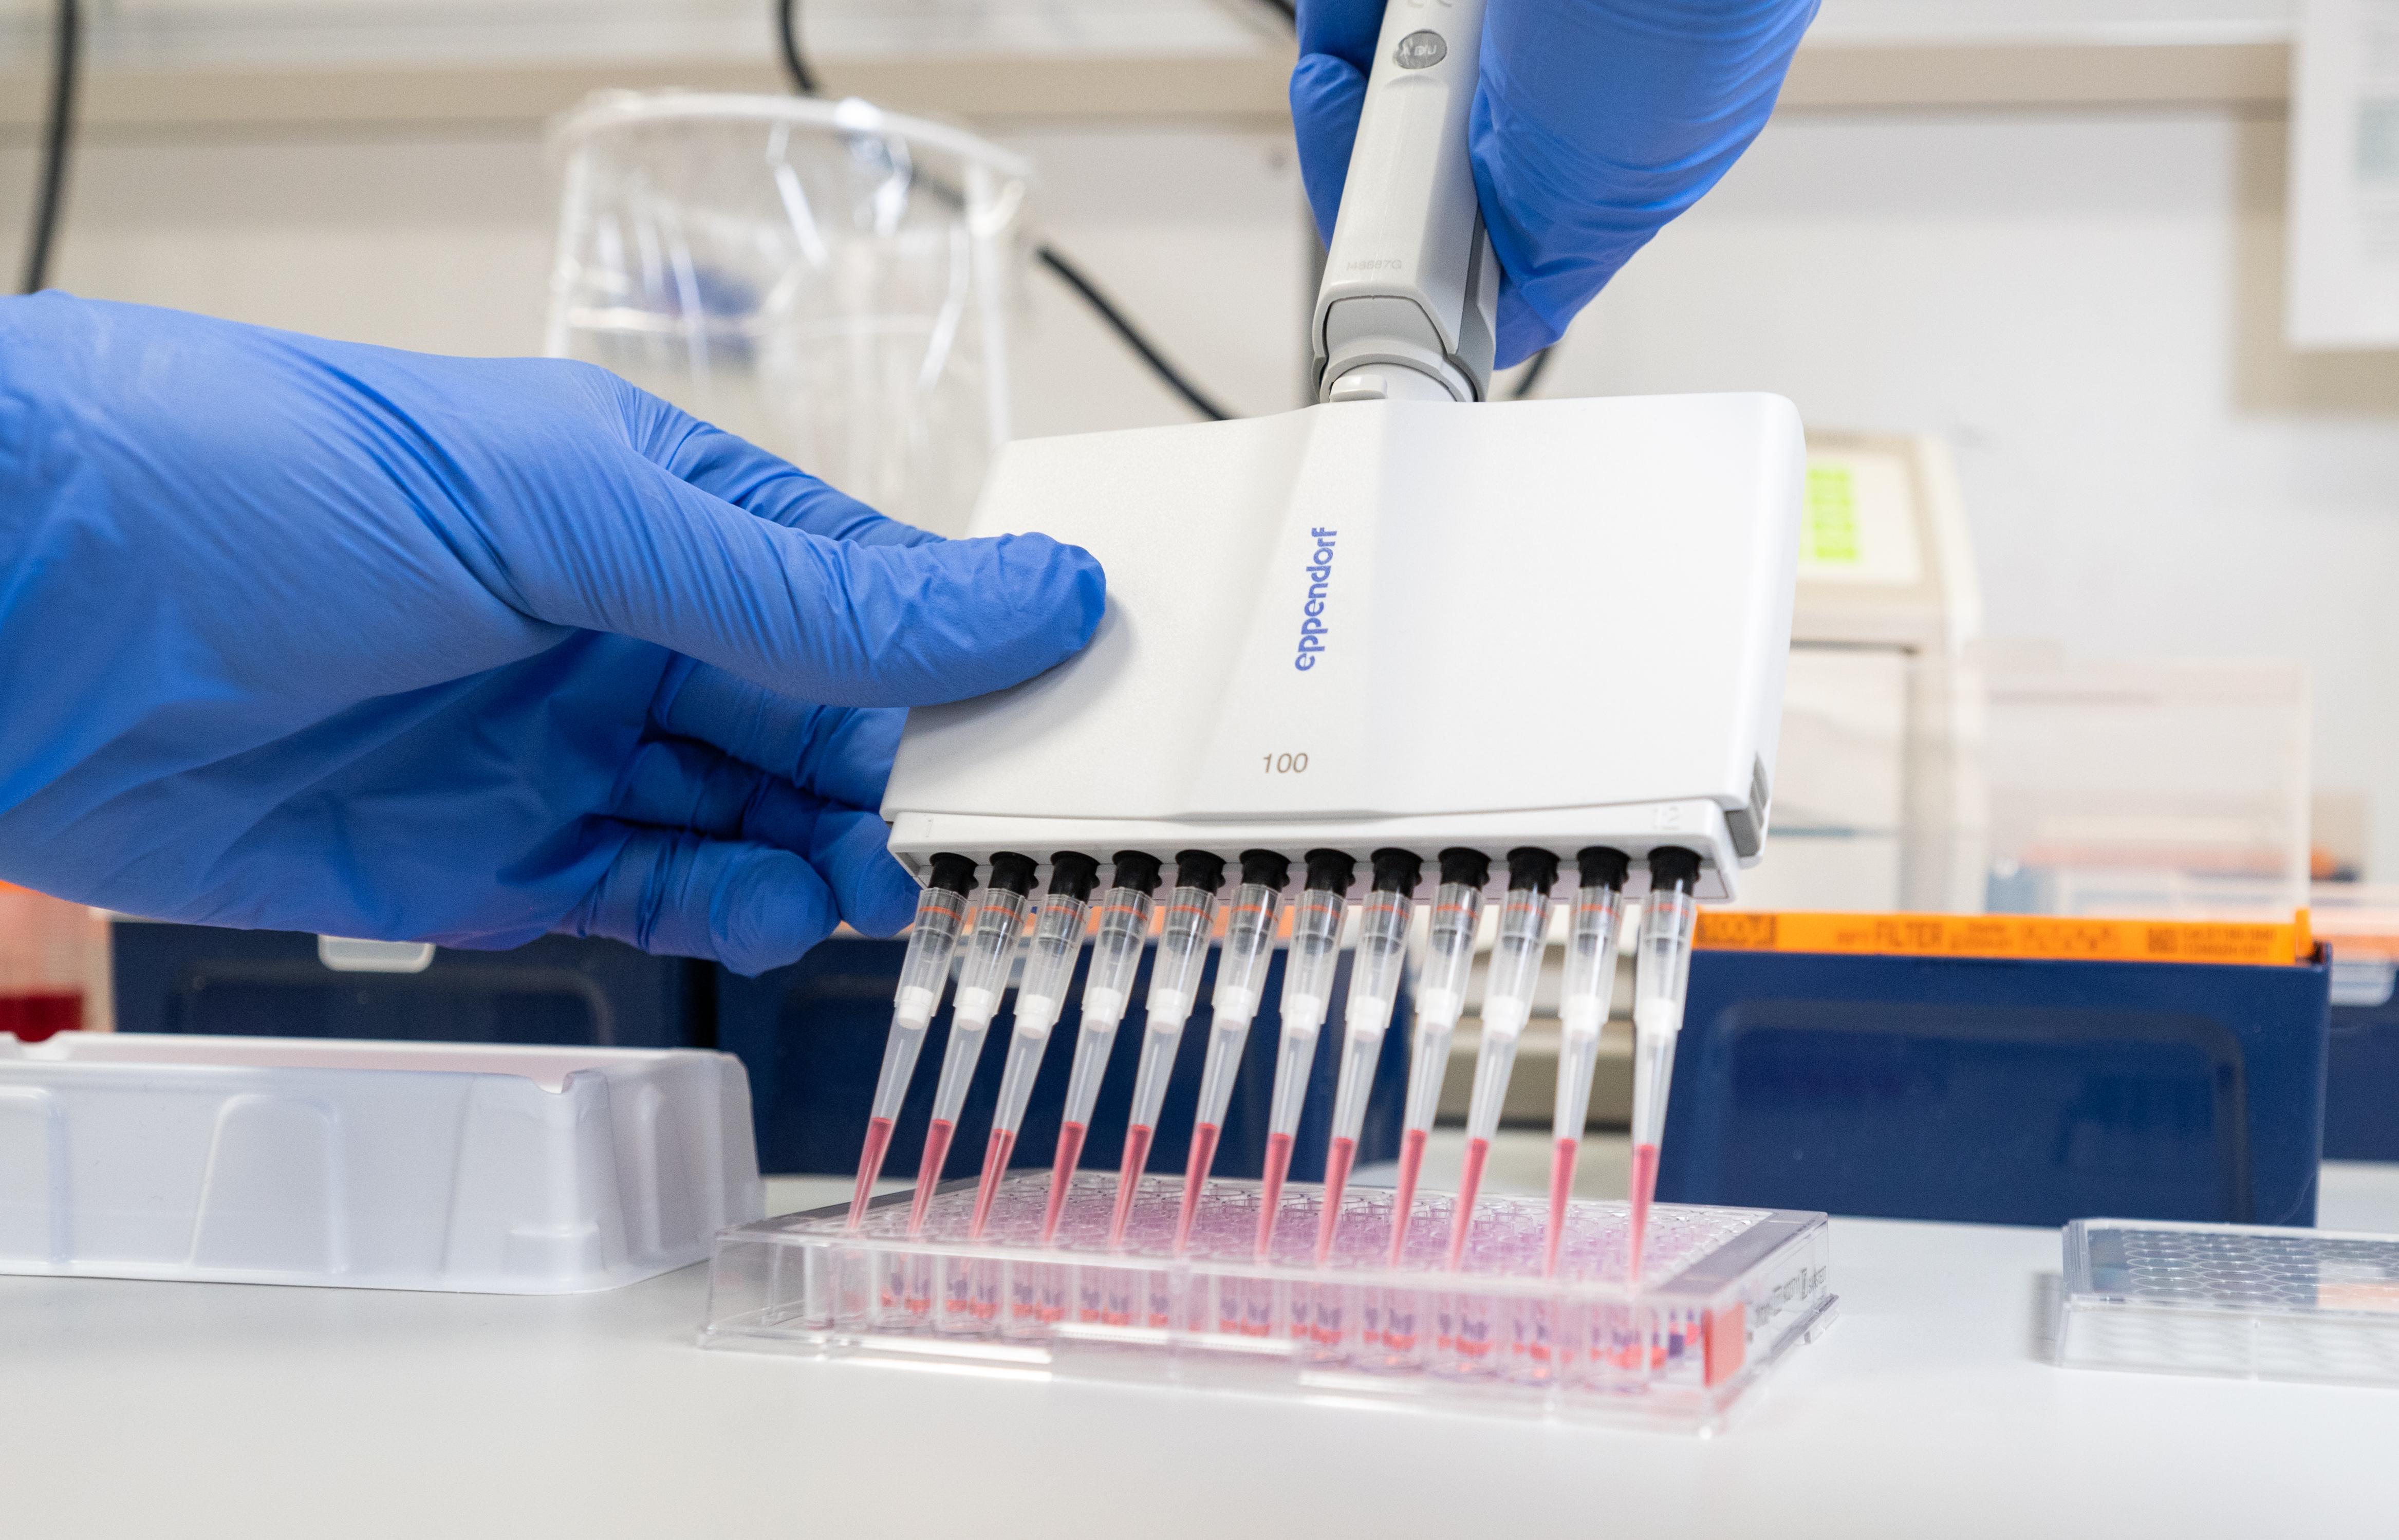 Tidig upptäckt är grundläggande för att snabbt kunna vidta rätt åtgärder för att bryta fortsatt smittspridning konstaterar man från Folkhälsomyndigheten.